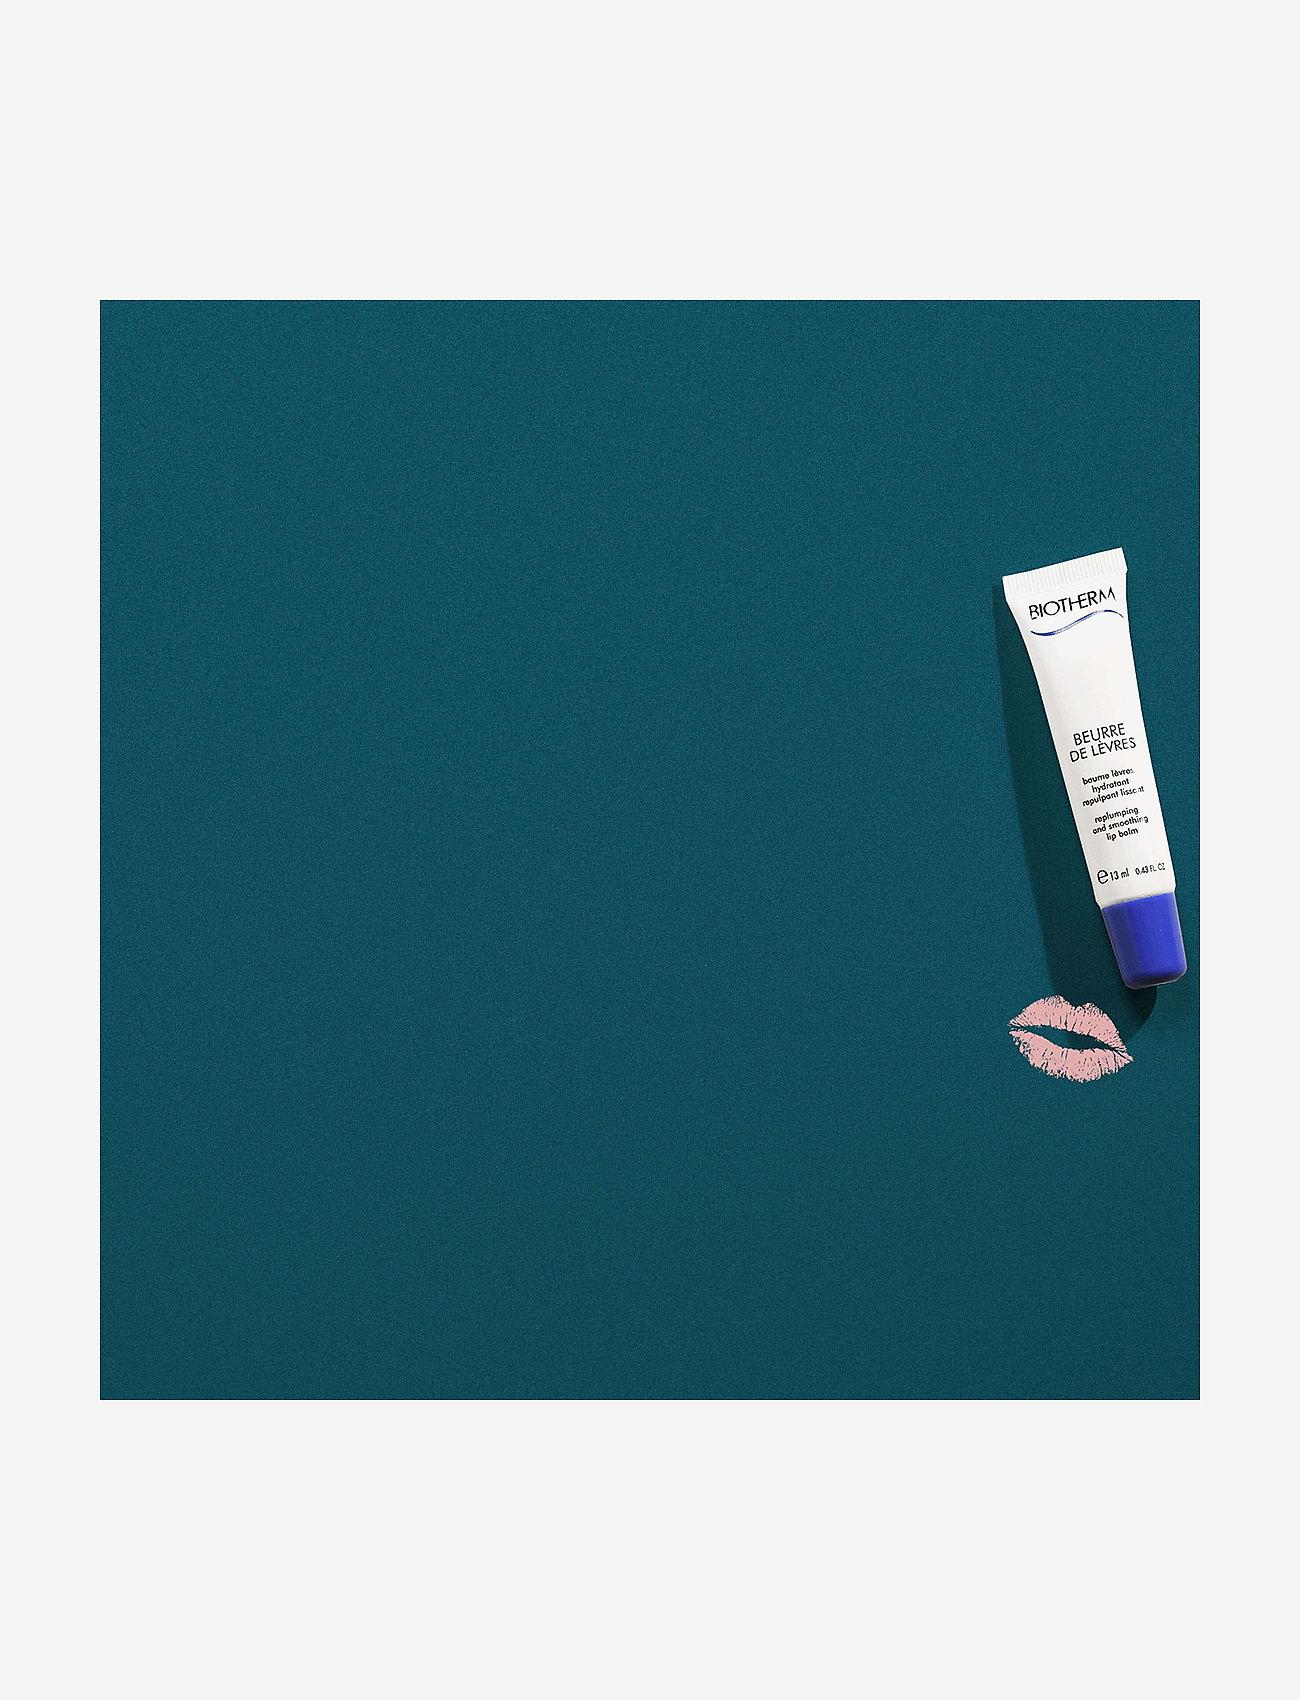 Biotherm - Lait Corporel Beurre de Lèvres Lip Balm - läppvård - clear - 1